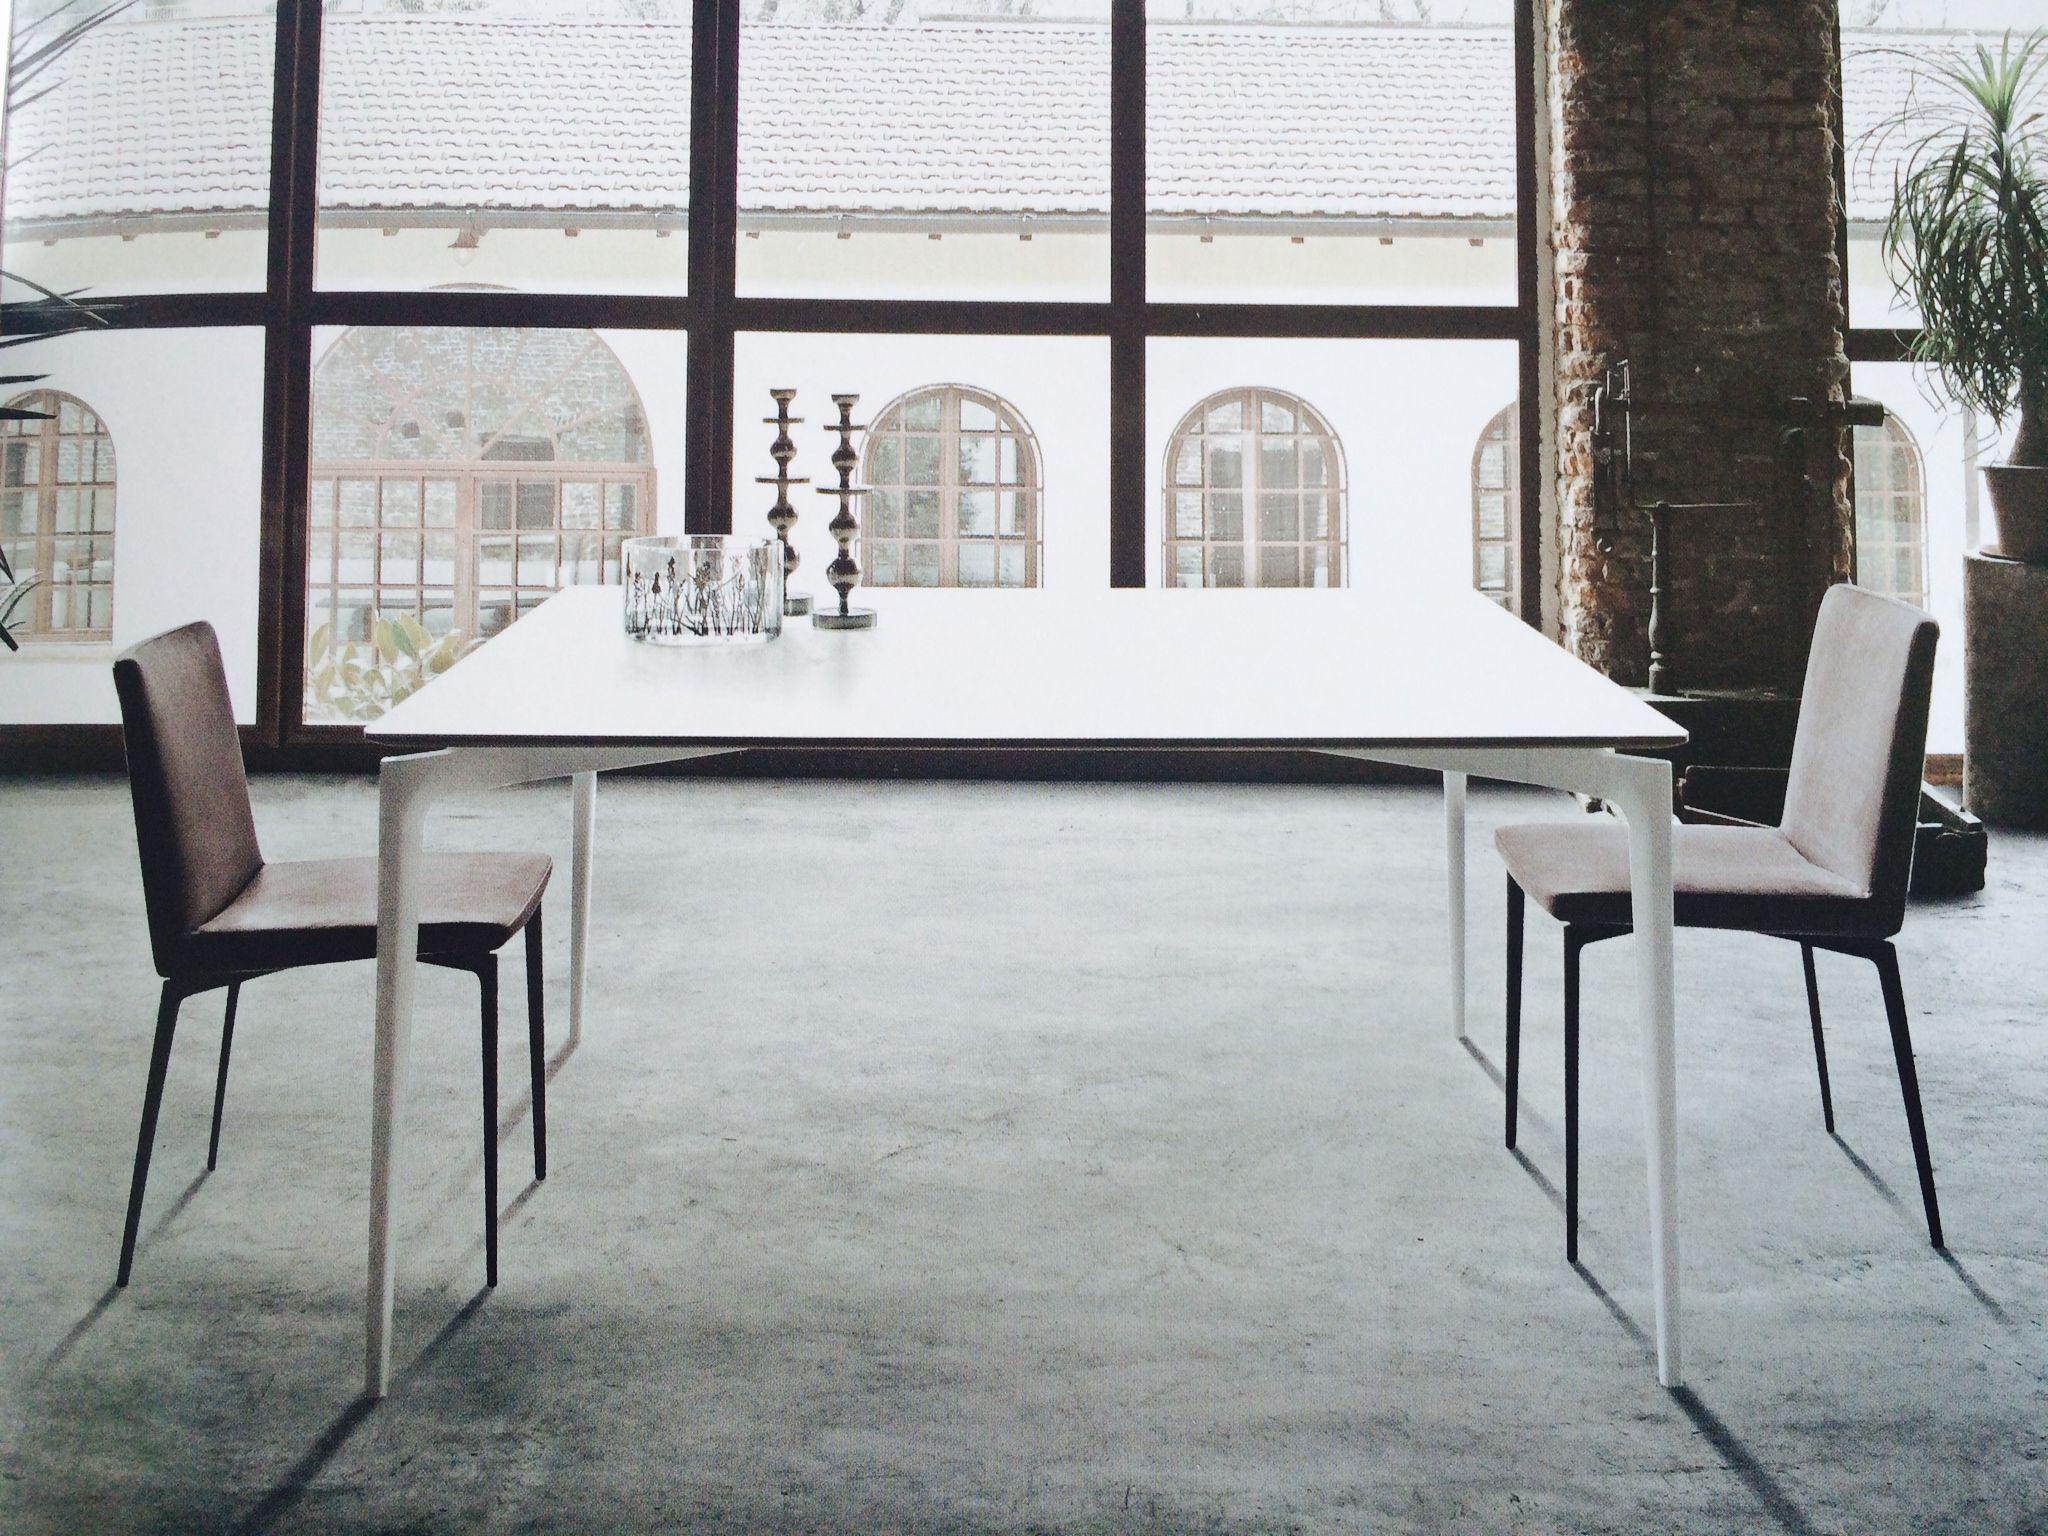 Tavolo Liuto sedia Flexa design Giuseppe Bavuso by ALIVAR Q cm 150x150 R diam